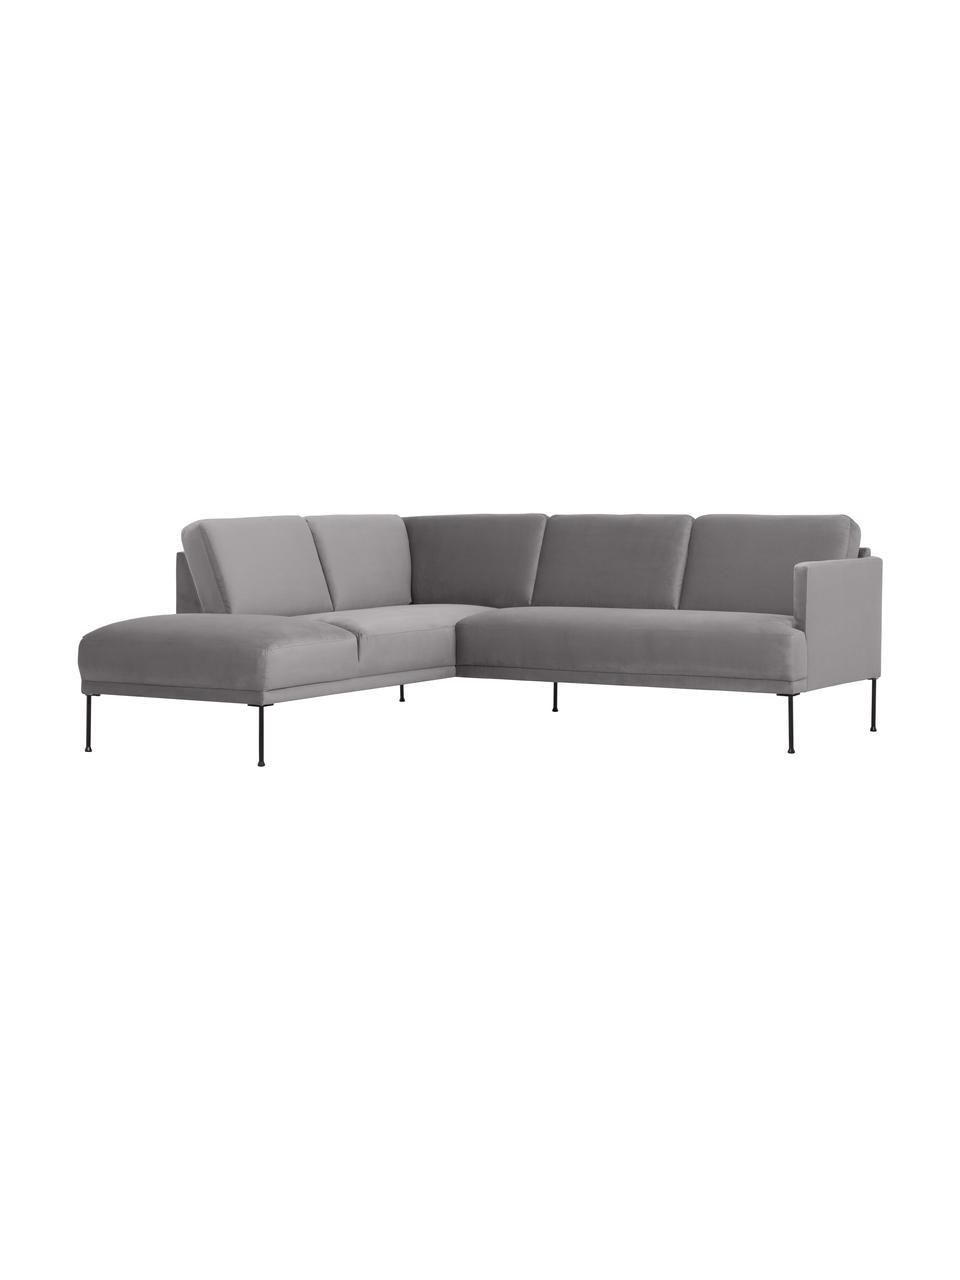 Canapé d'angle velours gris clair pieds en métal Fluente, Velours gris clair